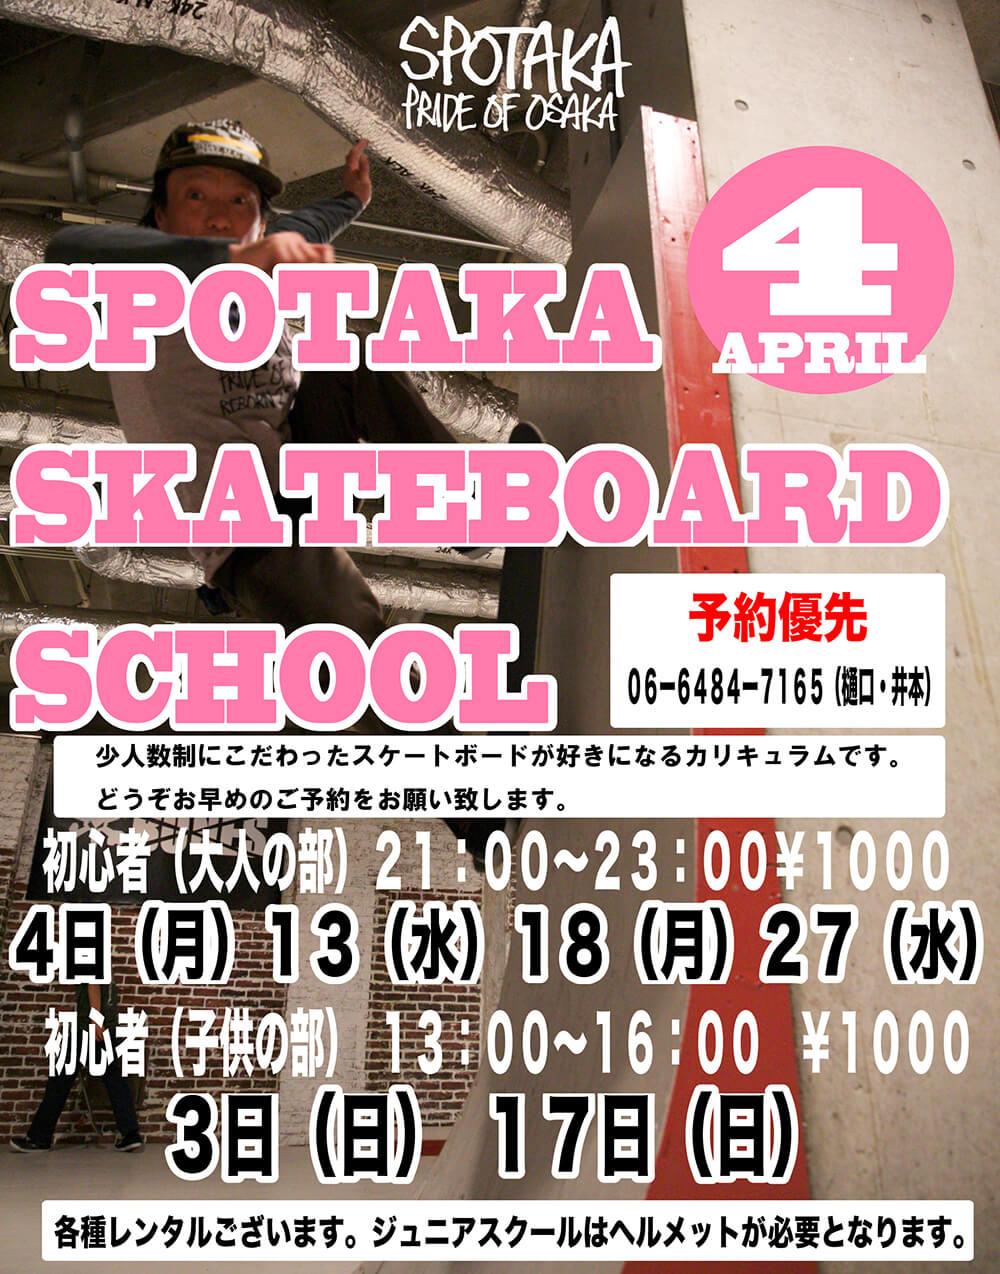 ☆大人気☆春のスケートボードスクールスケジュールです。